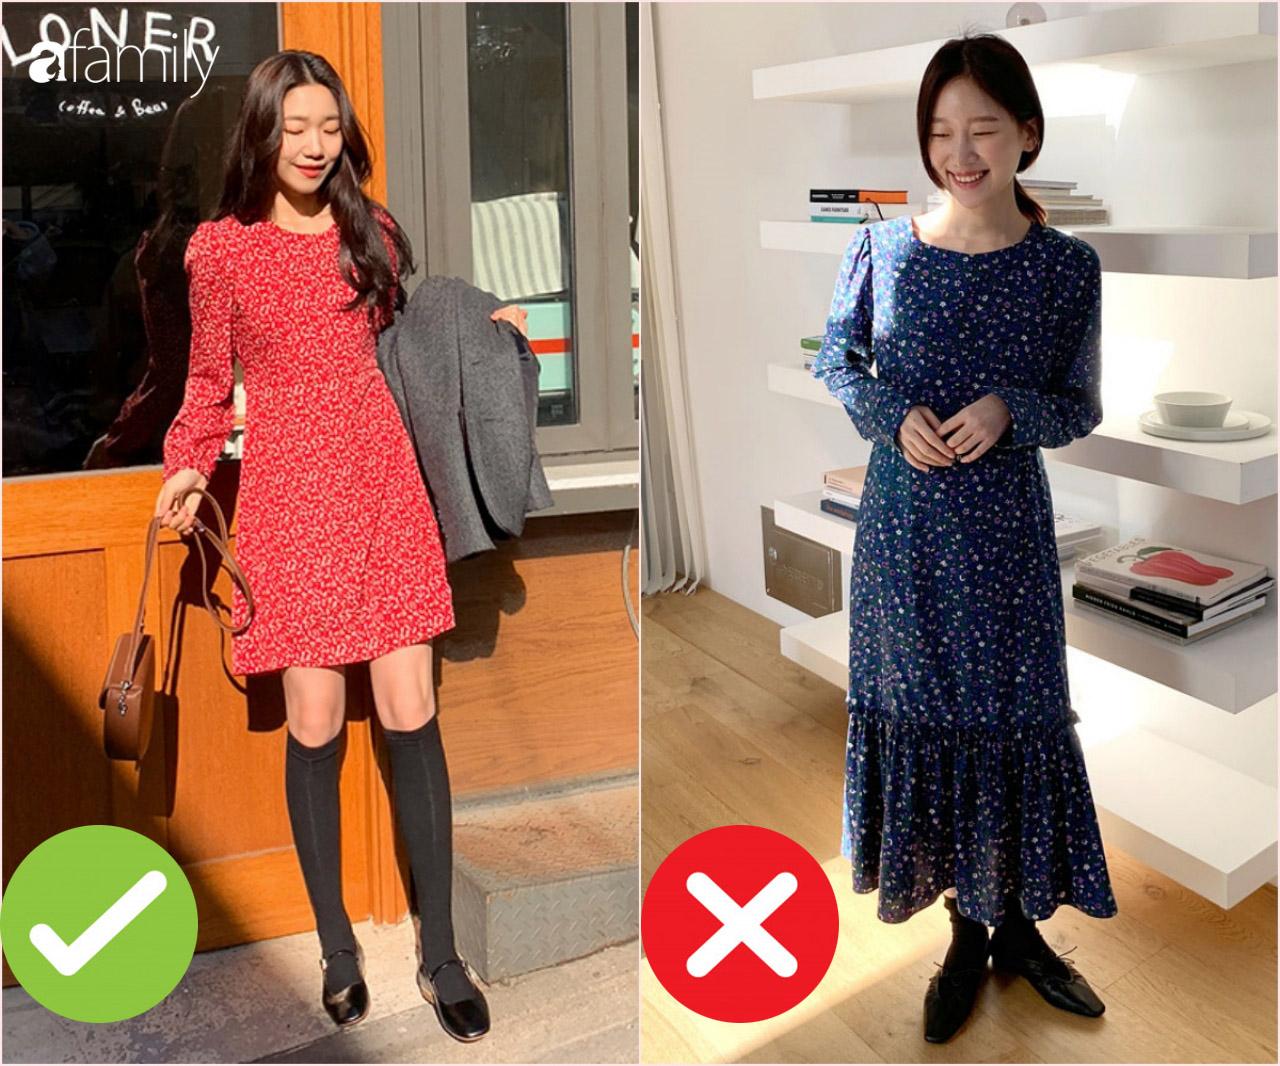 Tiết kiệm tiền khi mua váy hoa: 4 tips lên đồ giúp bạn đẹp tưng bừng mà không hề sến súa với item hot hit này - Ảnh 1.